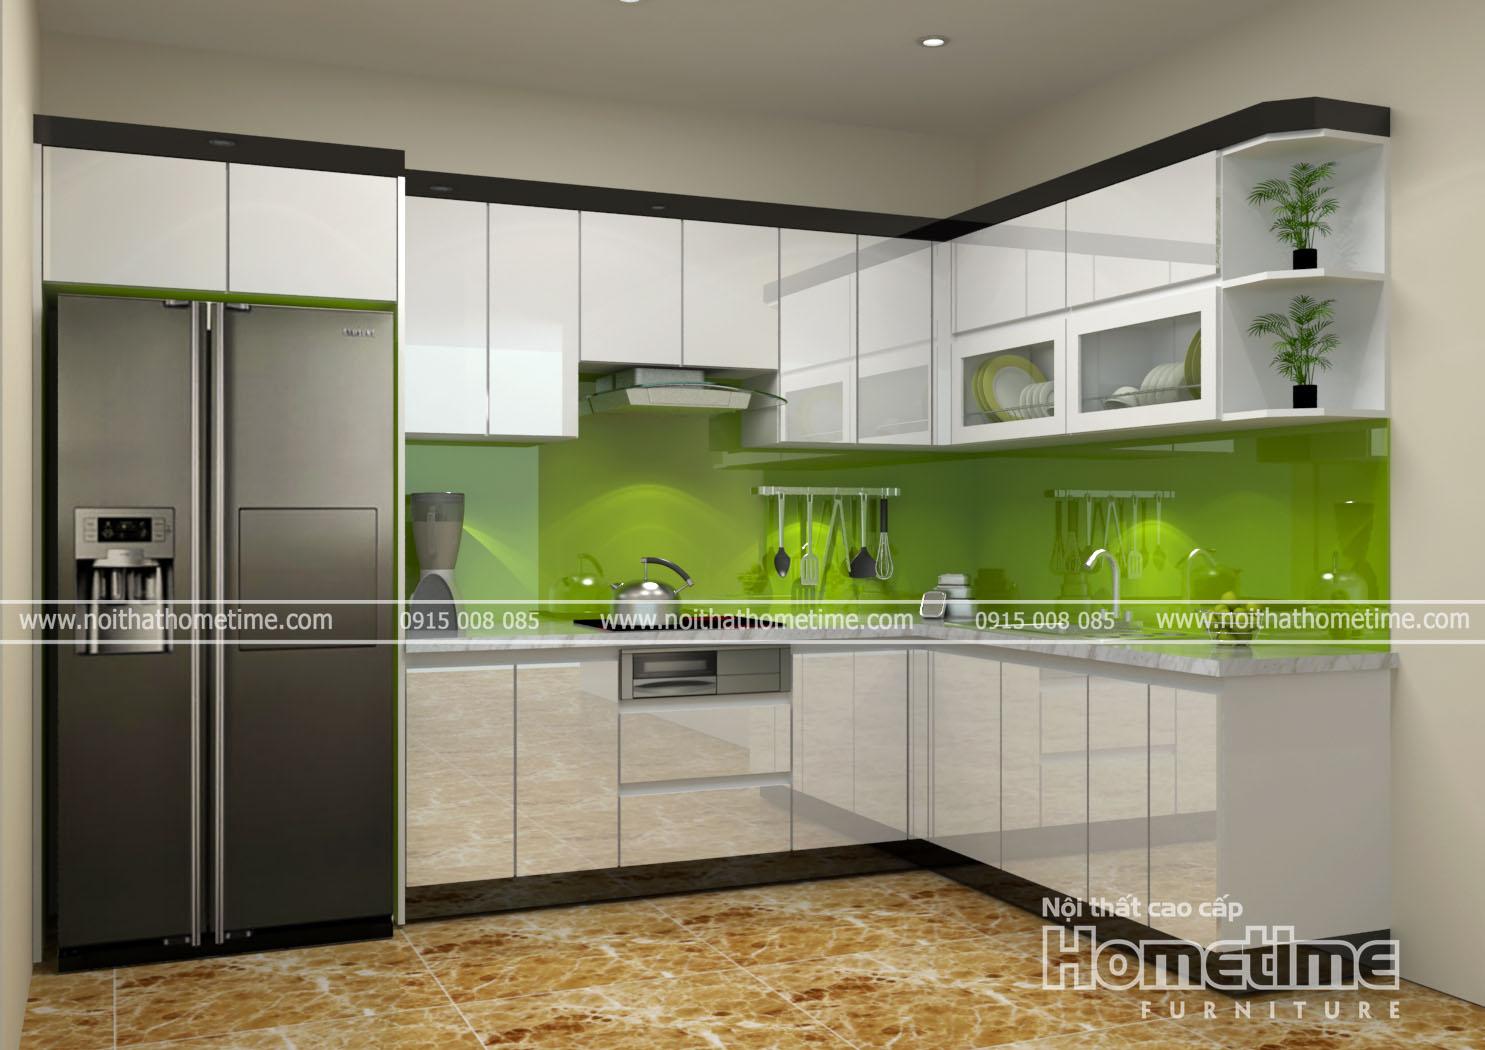 Hình ảnh tổng quan về tủ bếp phủ bóng tráng gương nhà chị Hồng